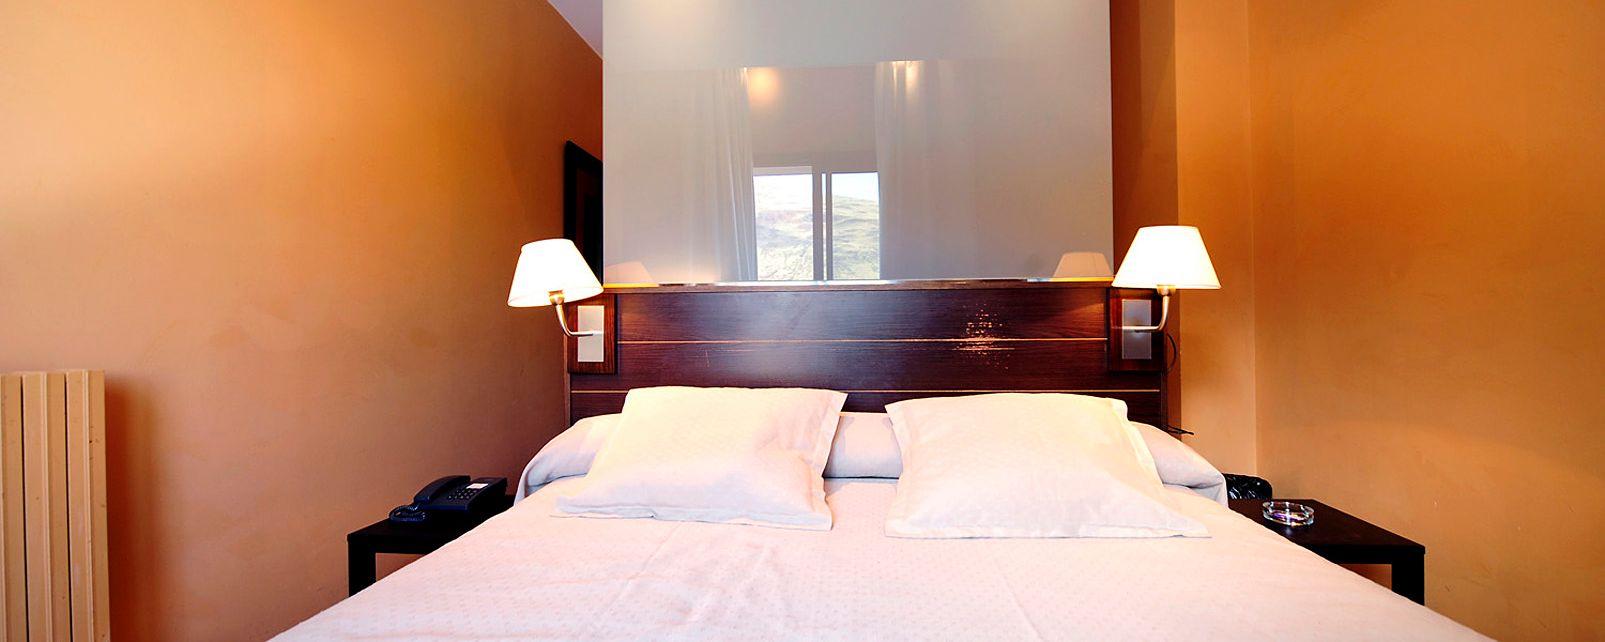 Hotel Reial Pirineus Hotel Pas de la Casa